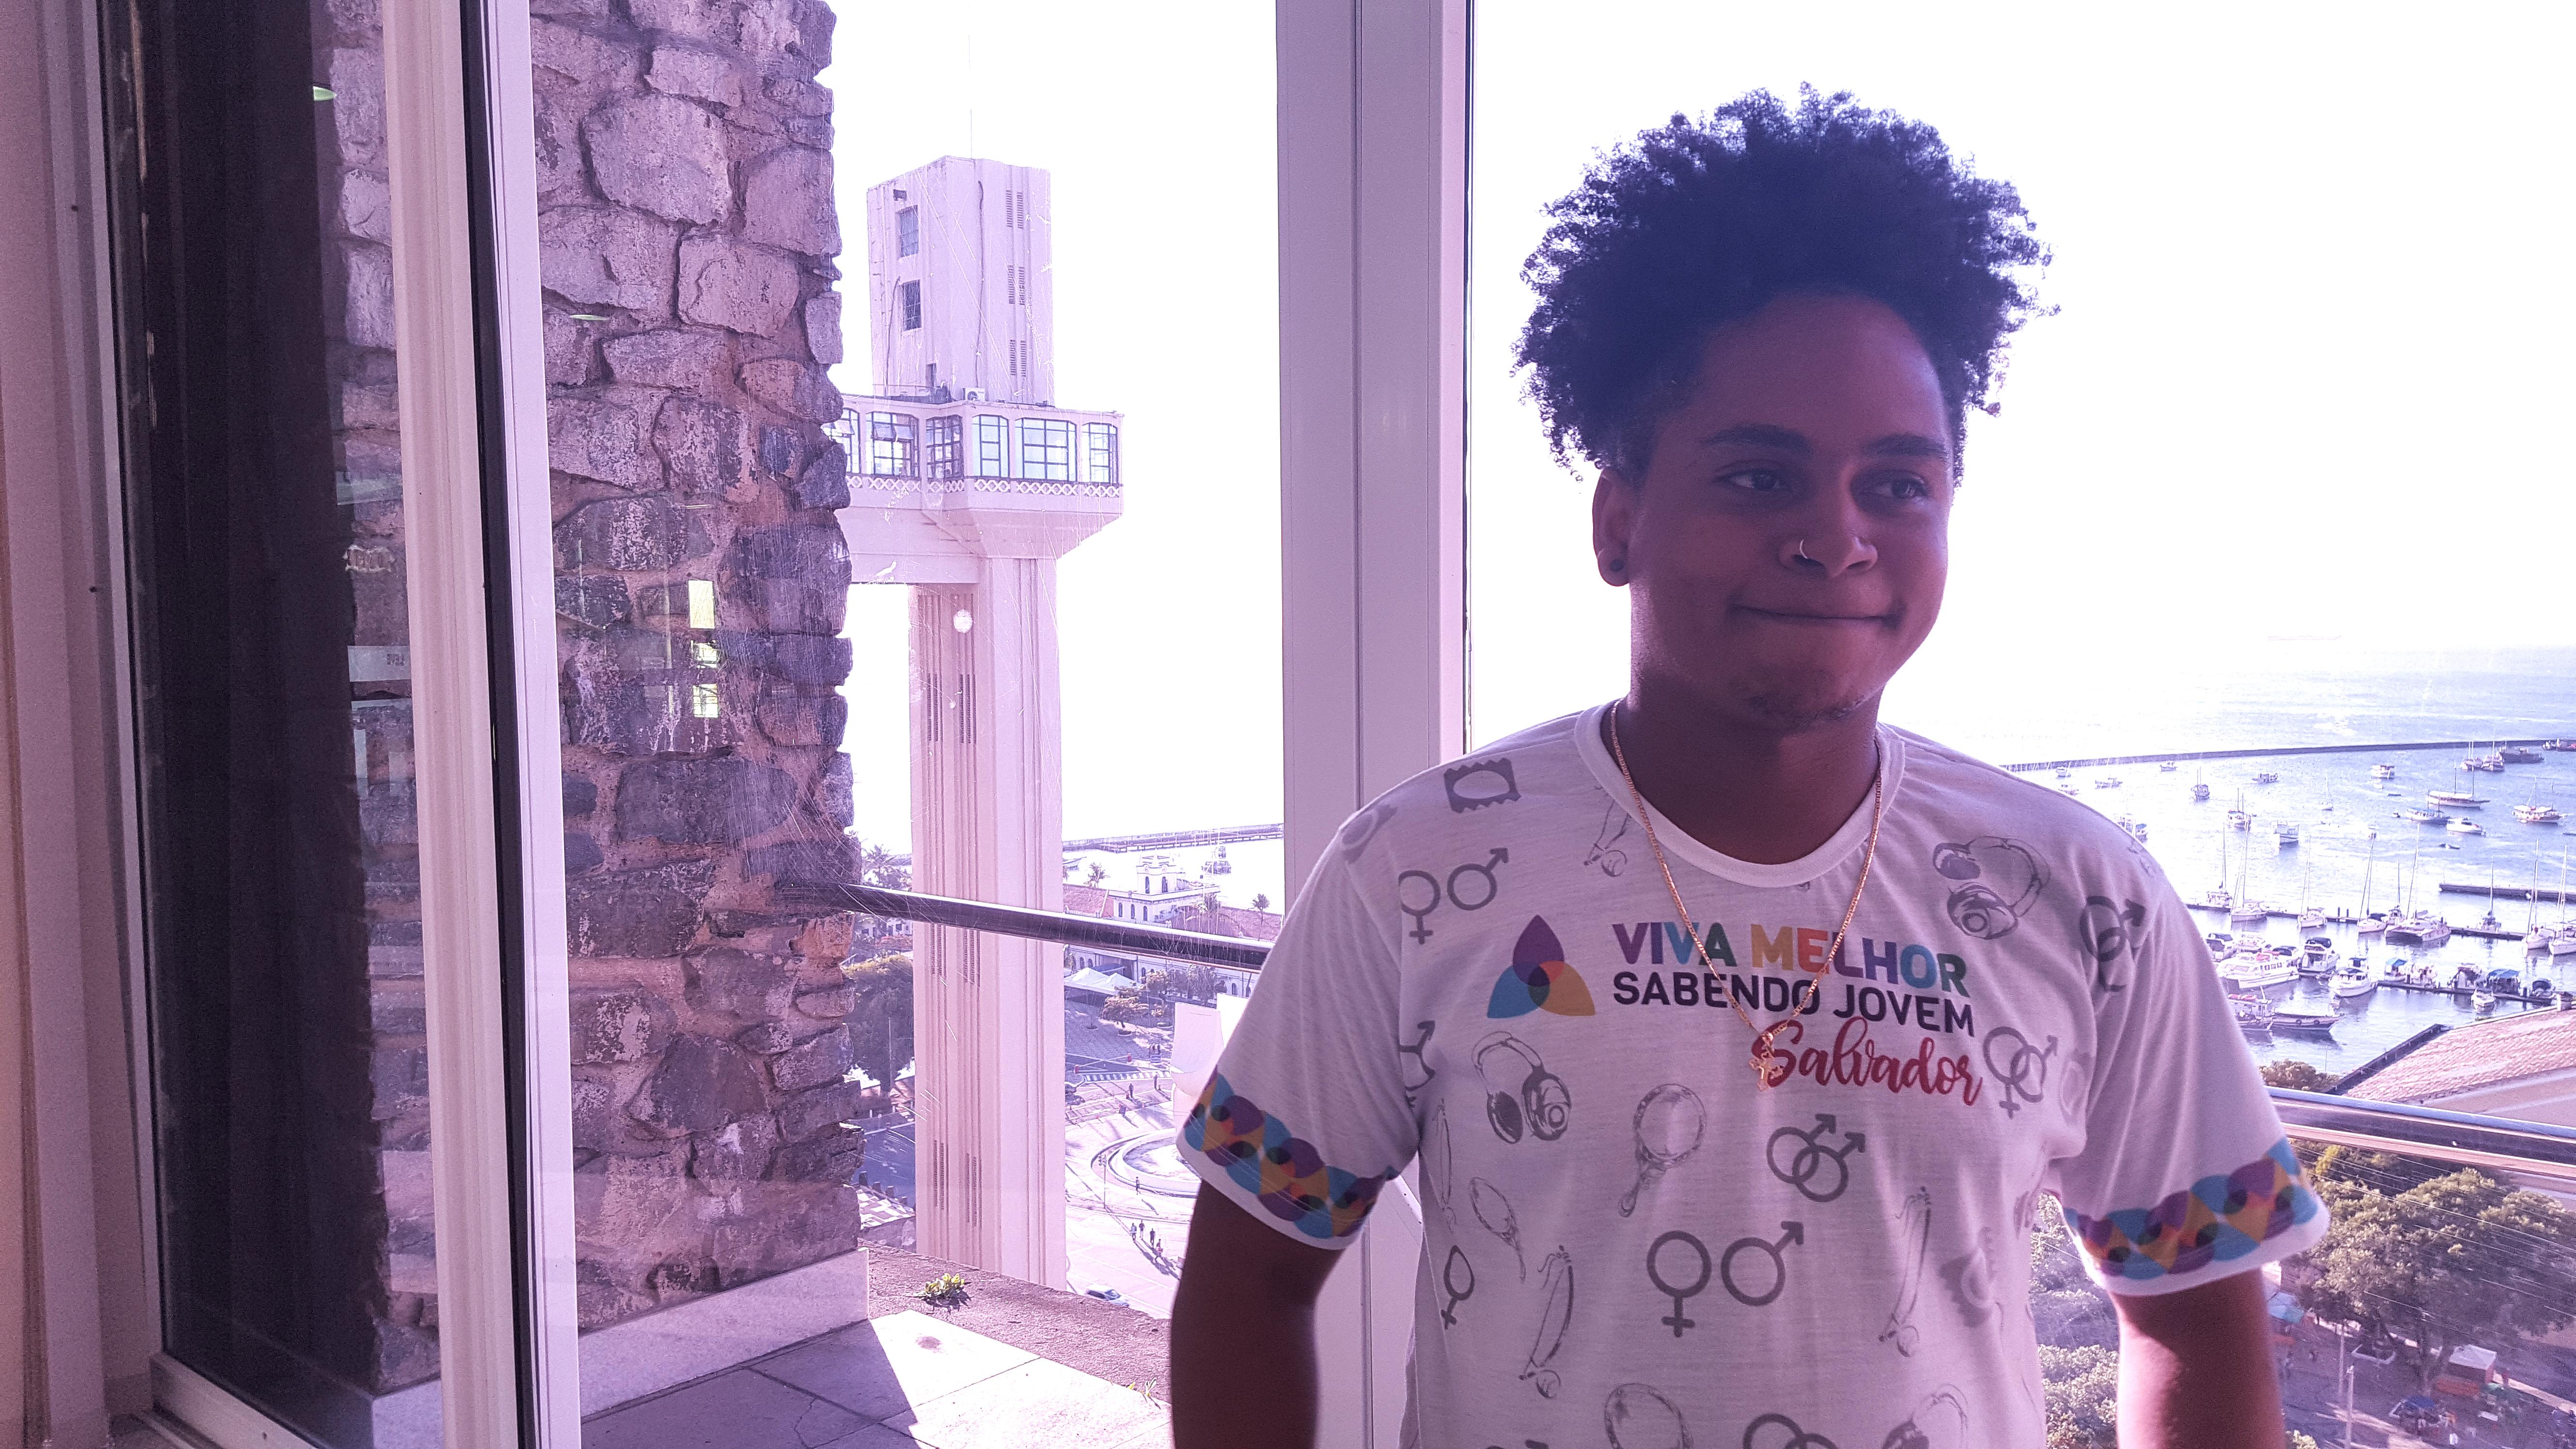 Em 2018, segundo estimativas do Ministério da Saúde, jovens com idades entre 15 e 24 anos representavam quase 15% de todos os novos diagnósticos de HIV em Salvador.